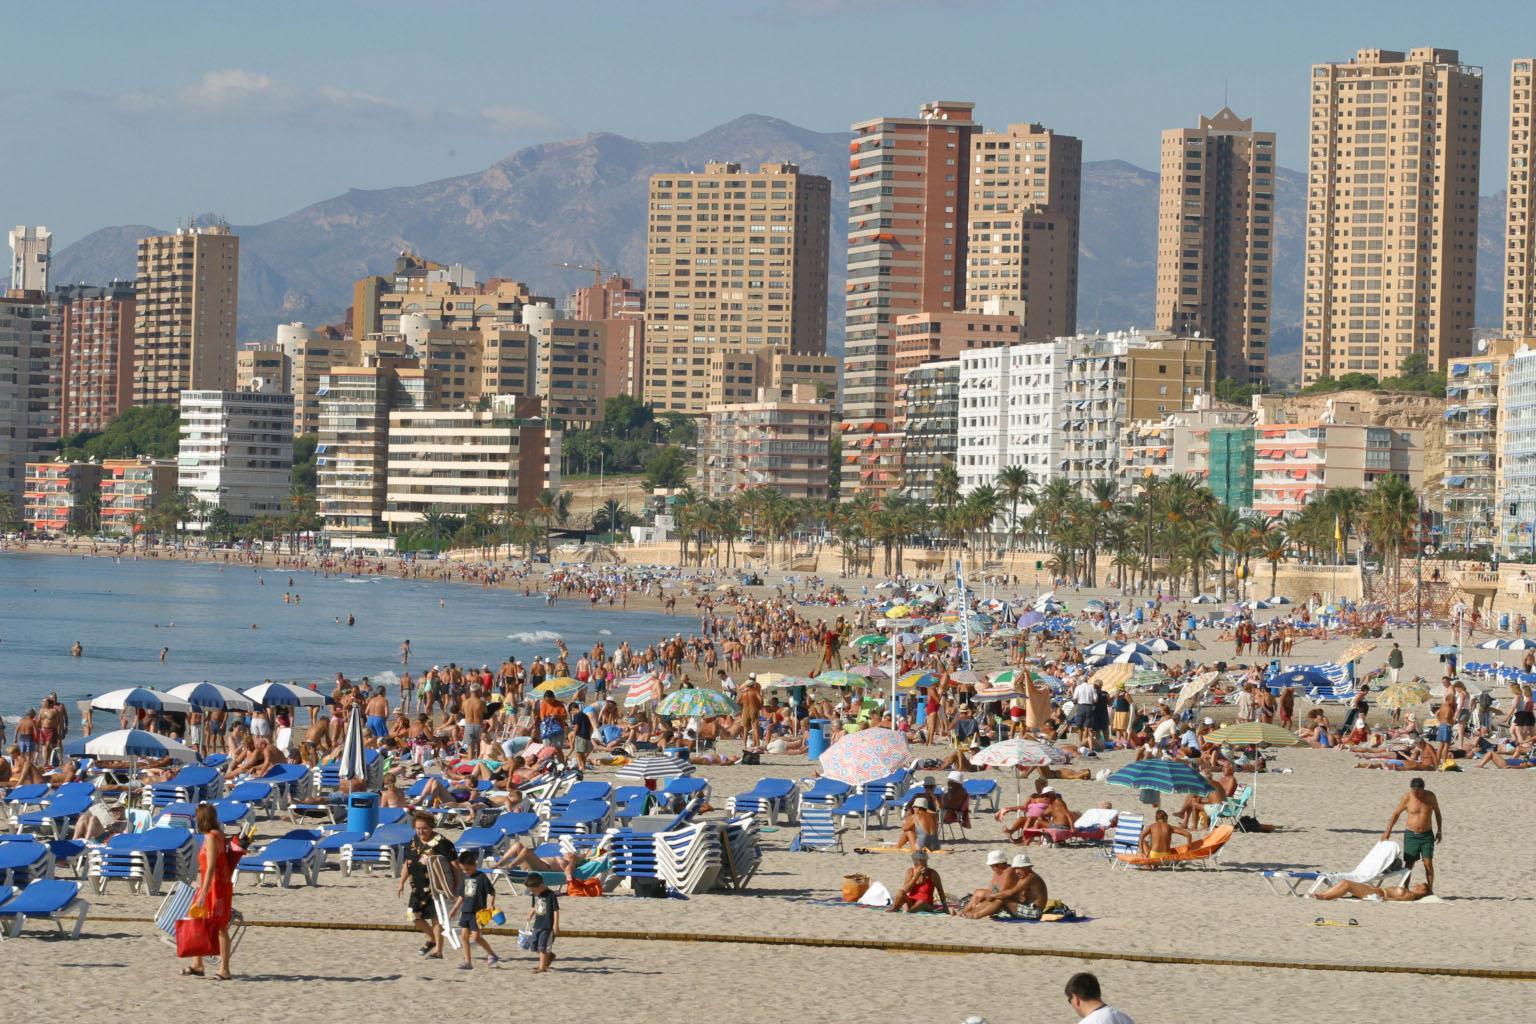 Benidorm cerrará la temporada alta con el puente de octubre y más del 95% de sus plazas hoteleras ocupadas